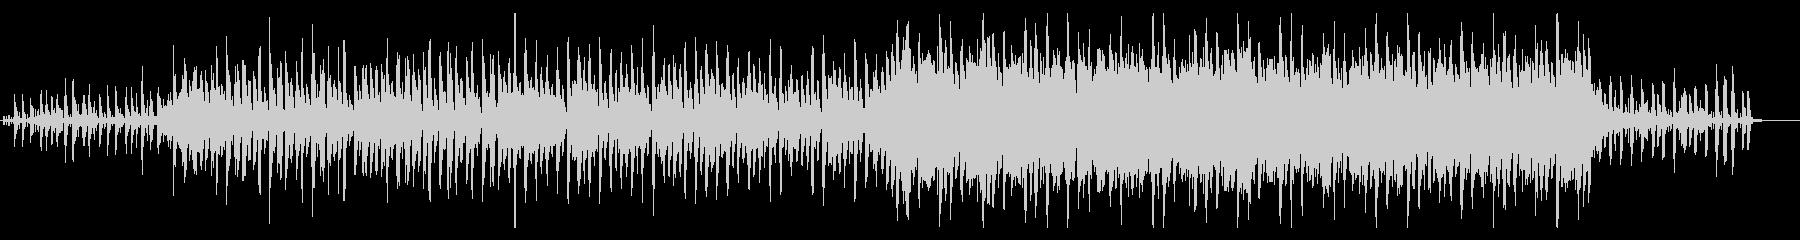 【生演奏】爽やかで前向きアコギポップスCの未再生の波形